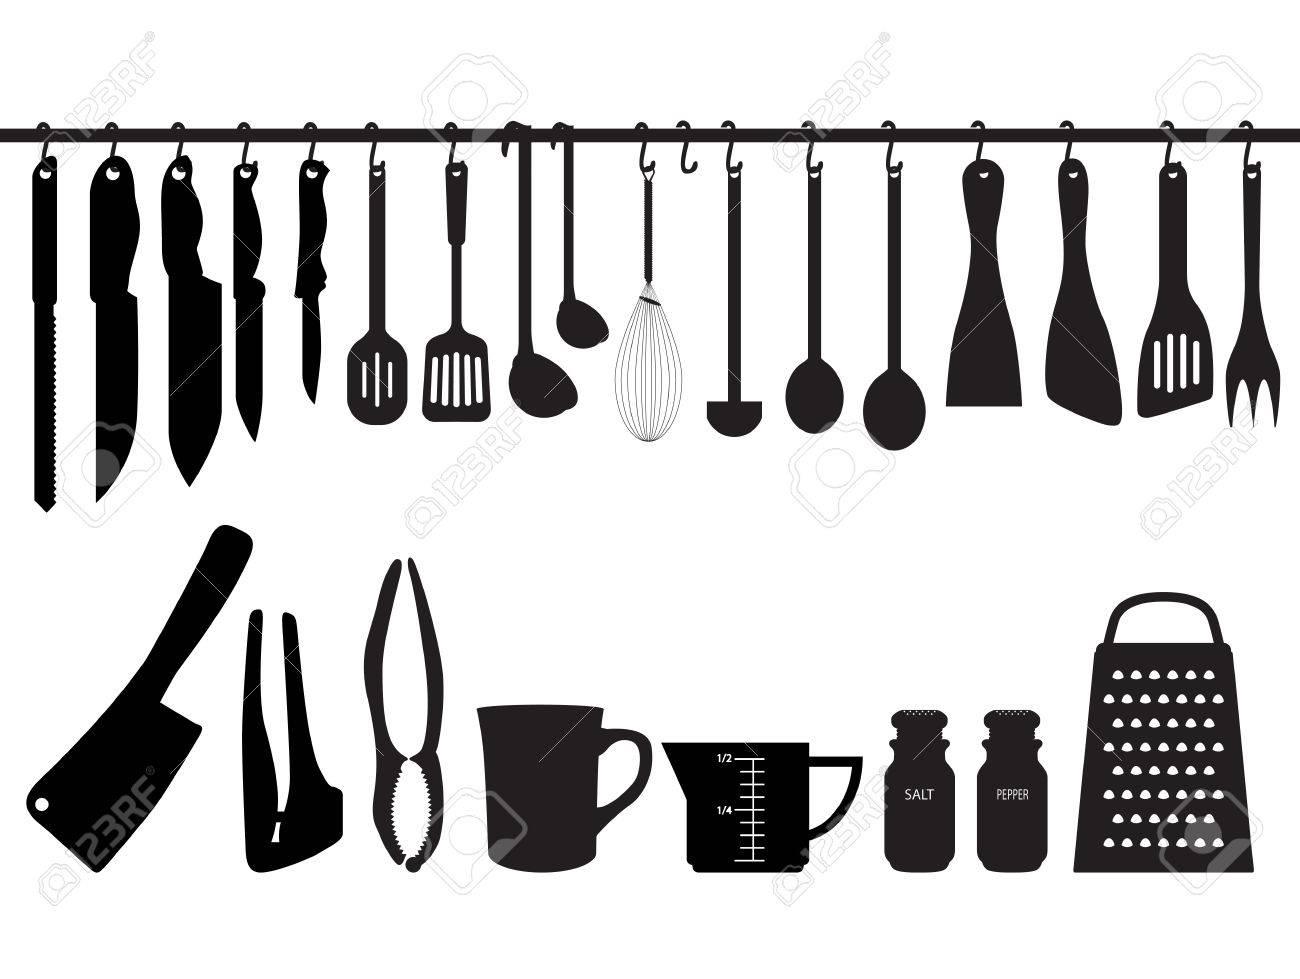 Une Collection D Ustensiles De Cuisine Accroche A La Barre Et Sous La Barre Silhouette Illustration